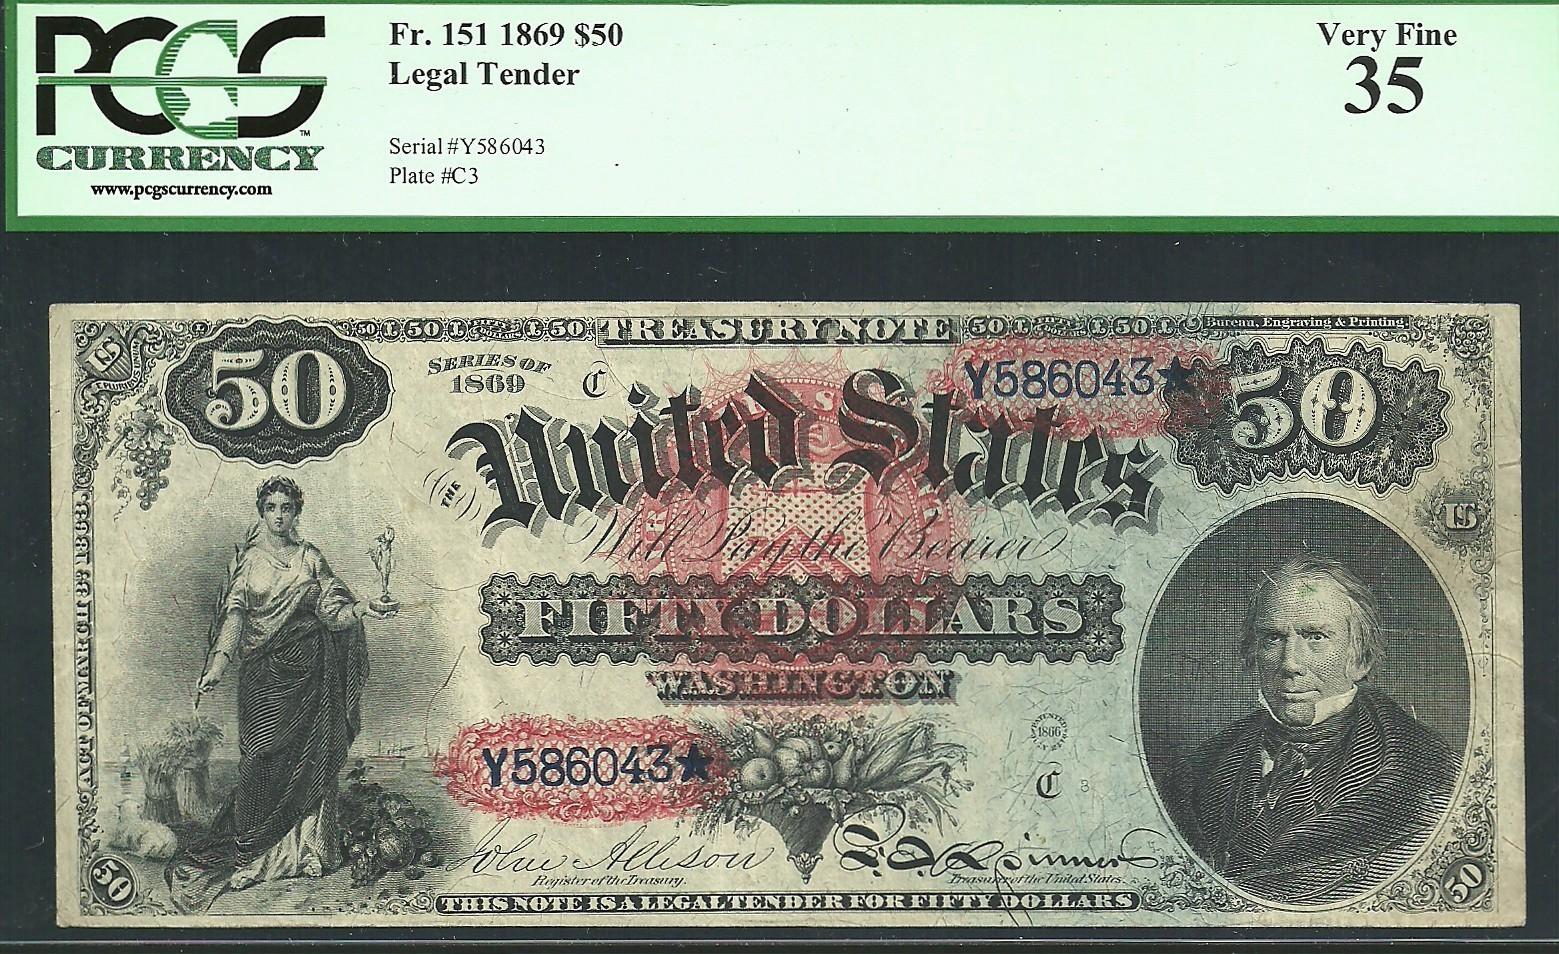 1869 $50 FR-151 Rainbow PCGS CHVF 35.jpg